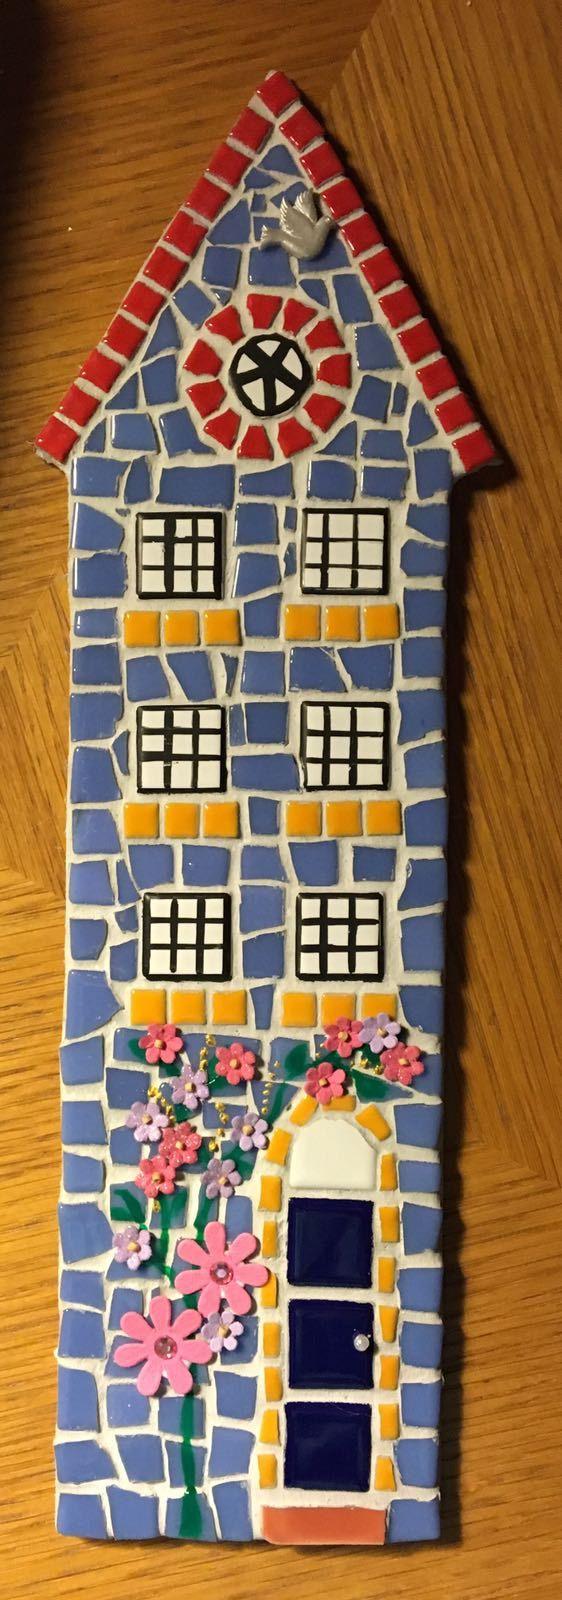 Nouveau cadeau maison maison mosaïque fait à la main